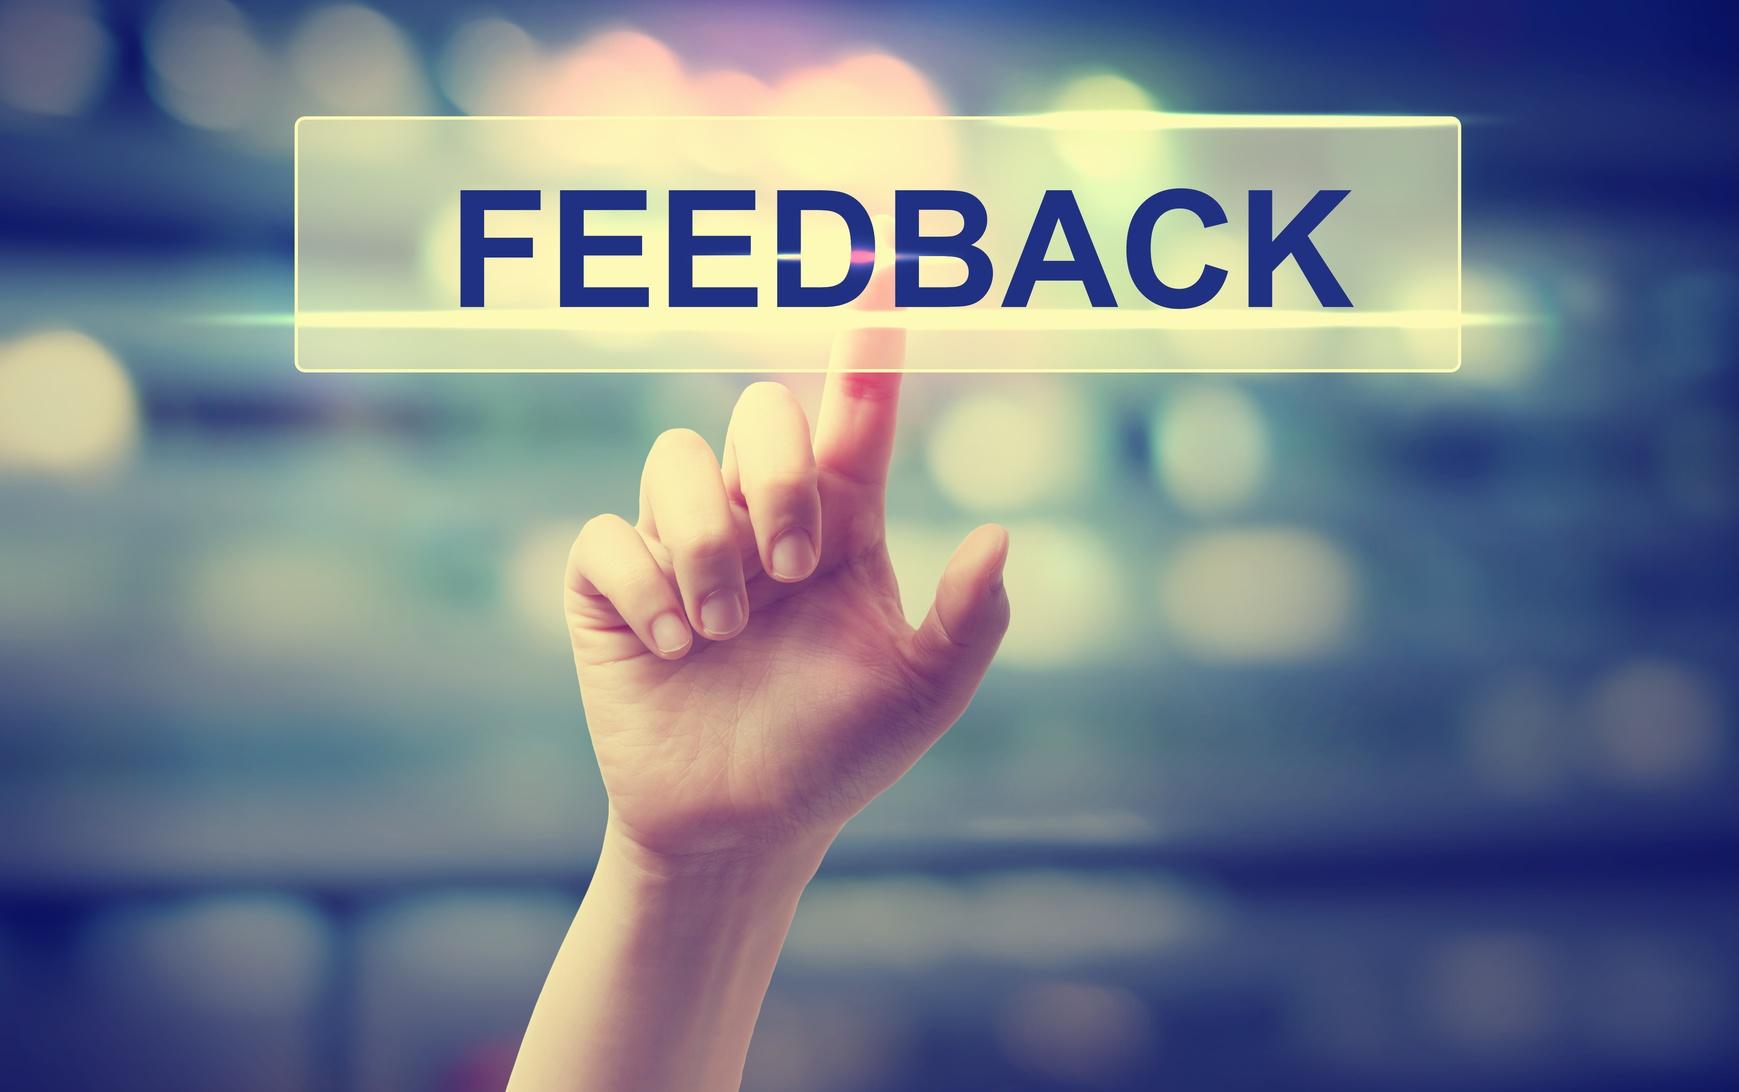 Managers need feedback too